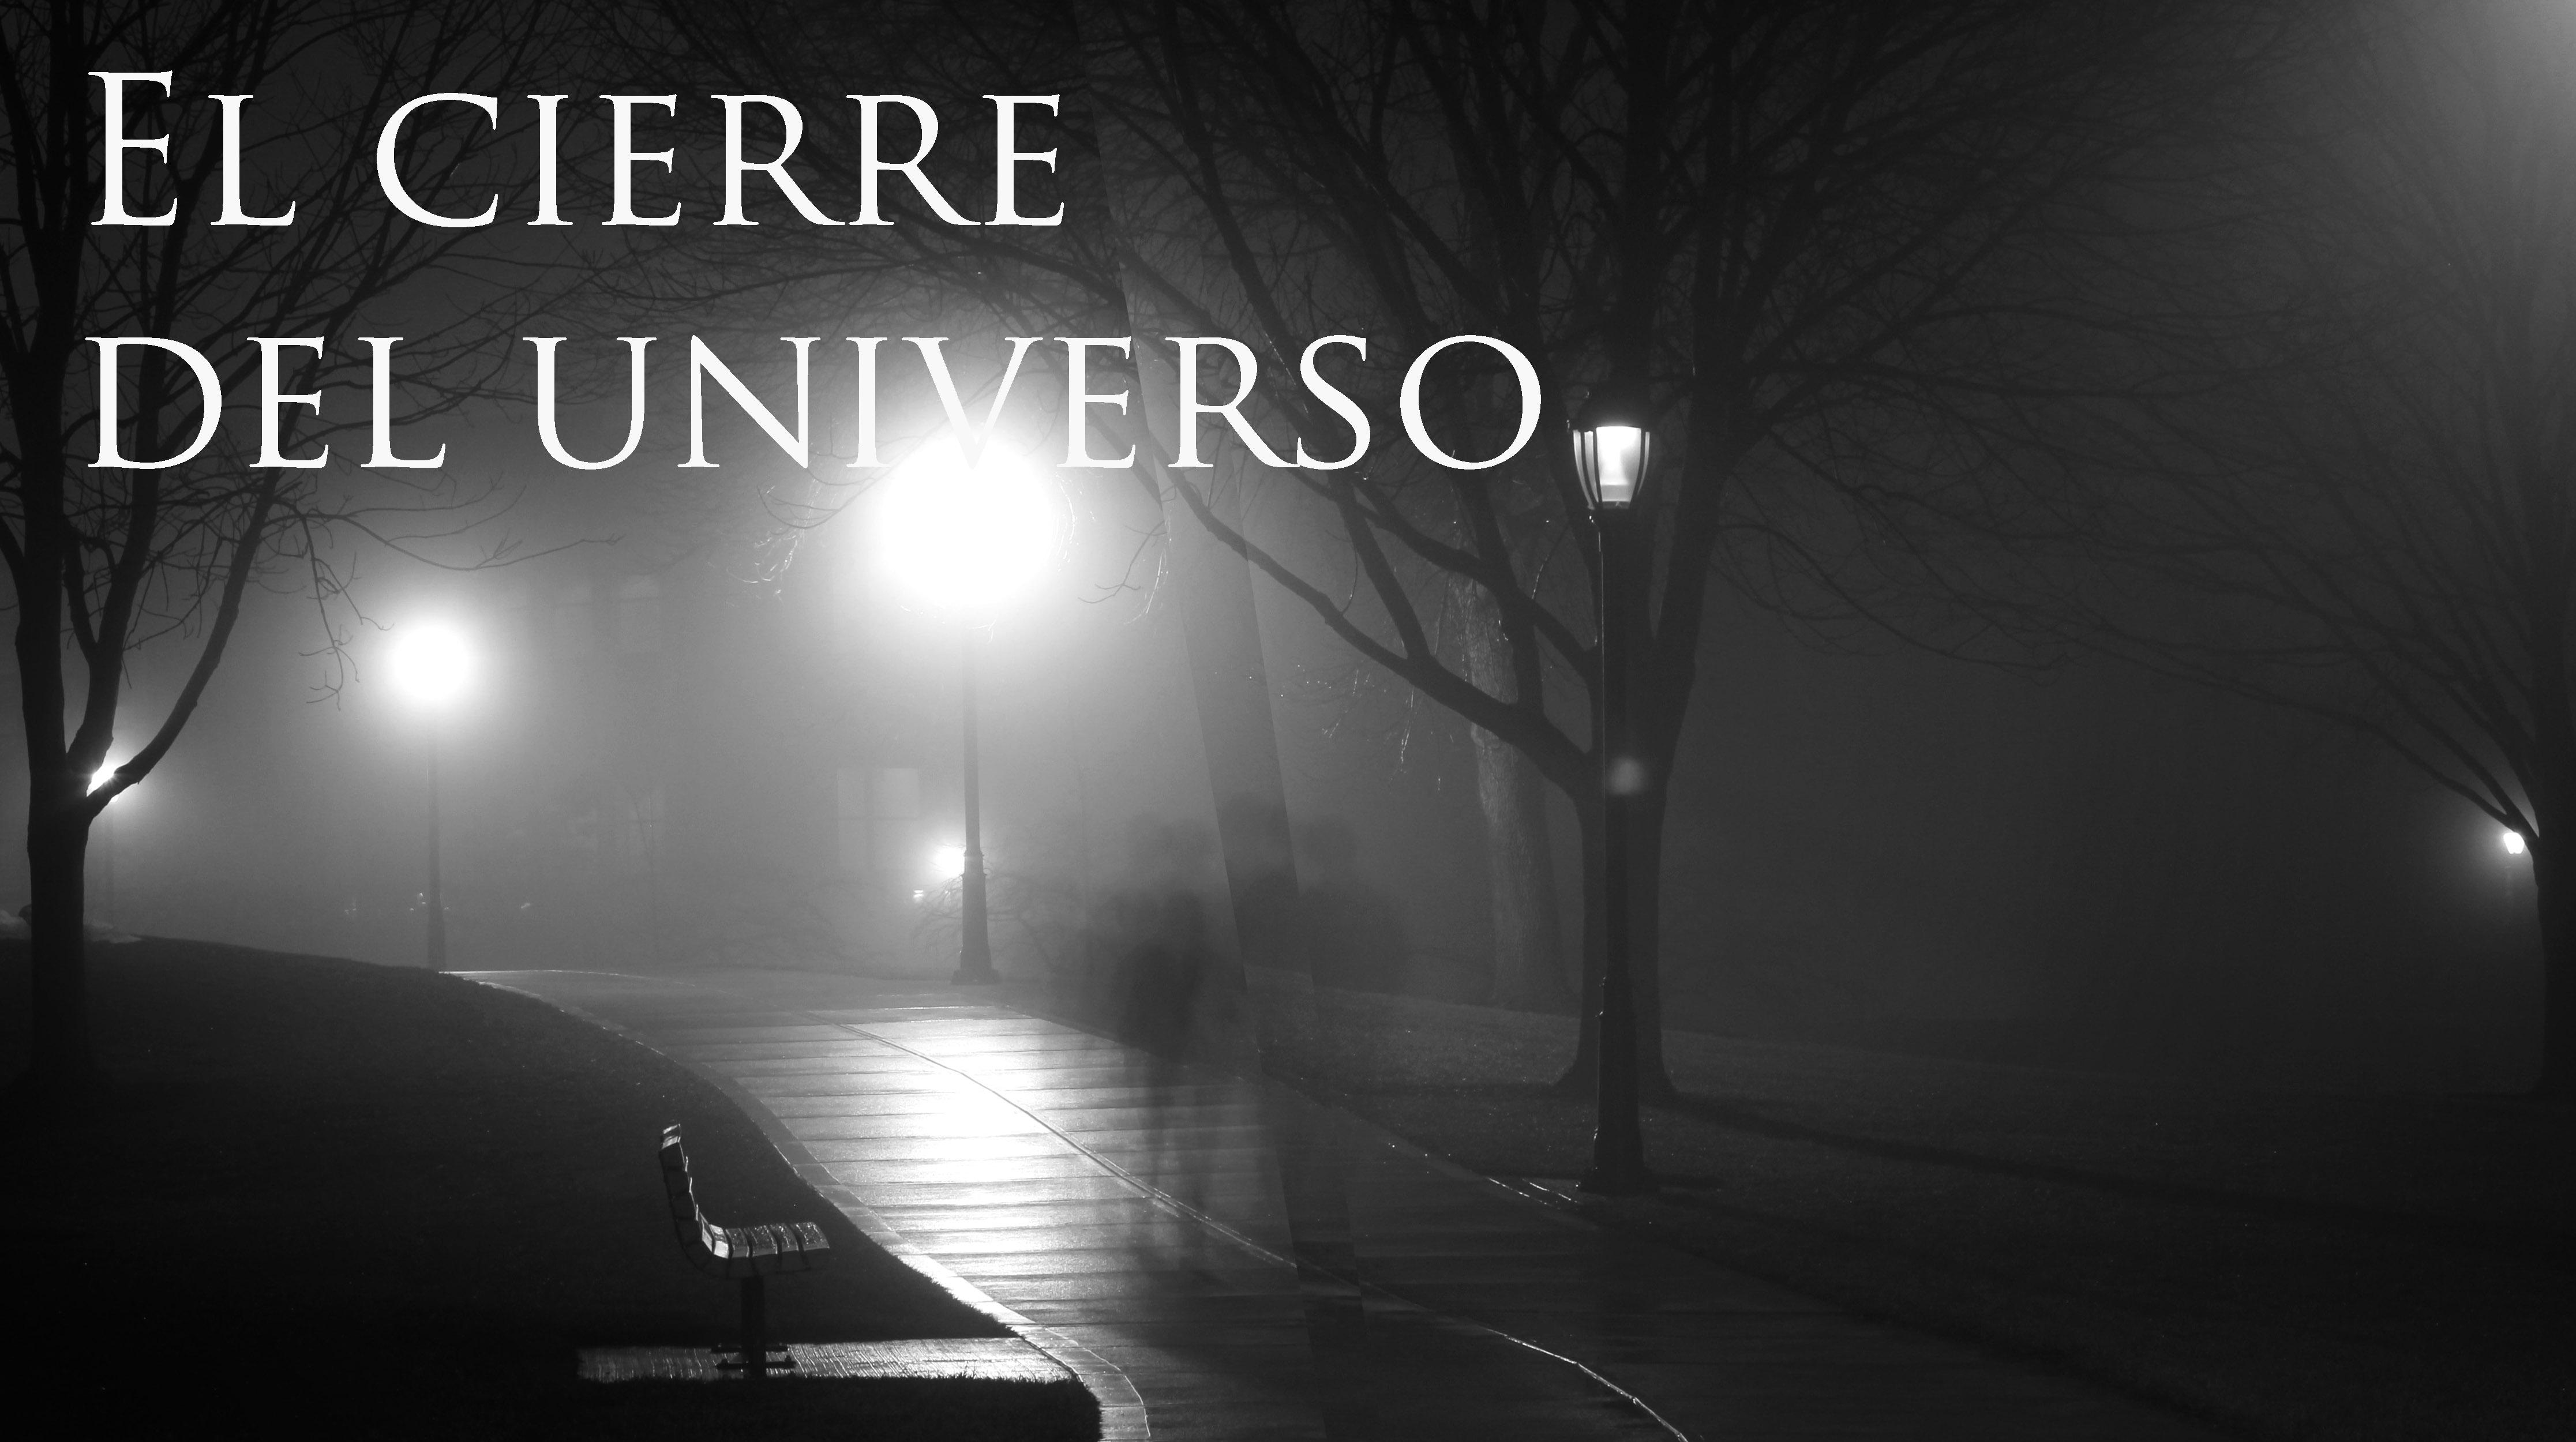 el cierre del universo